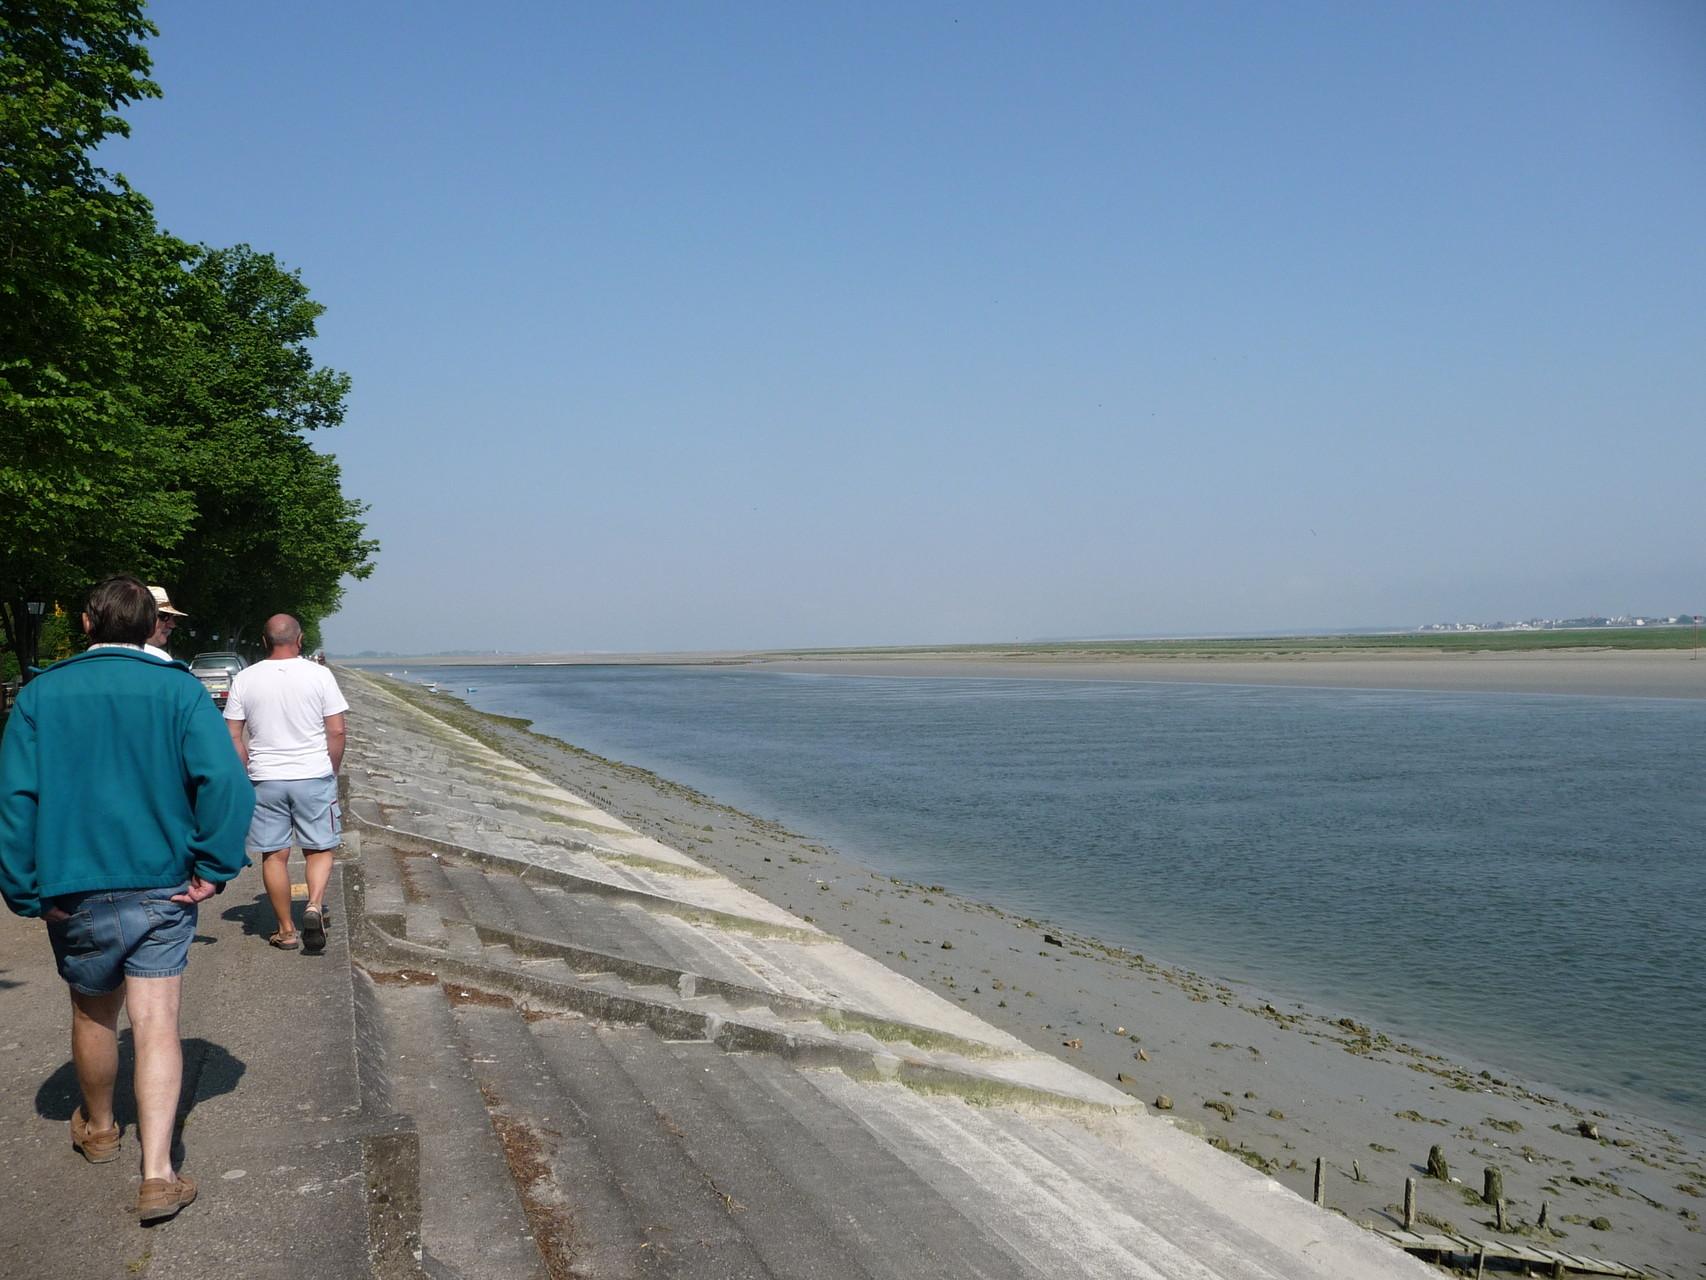 Marée basse sous le soleil - Baie de Somme